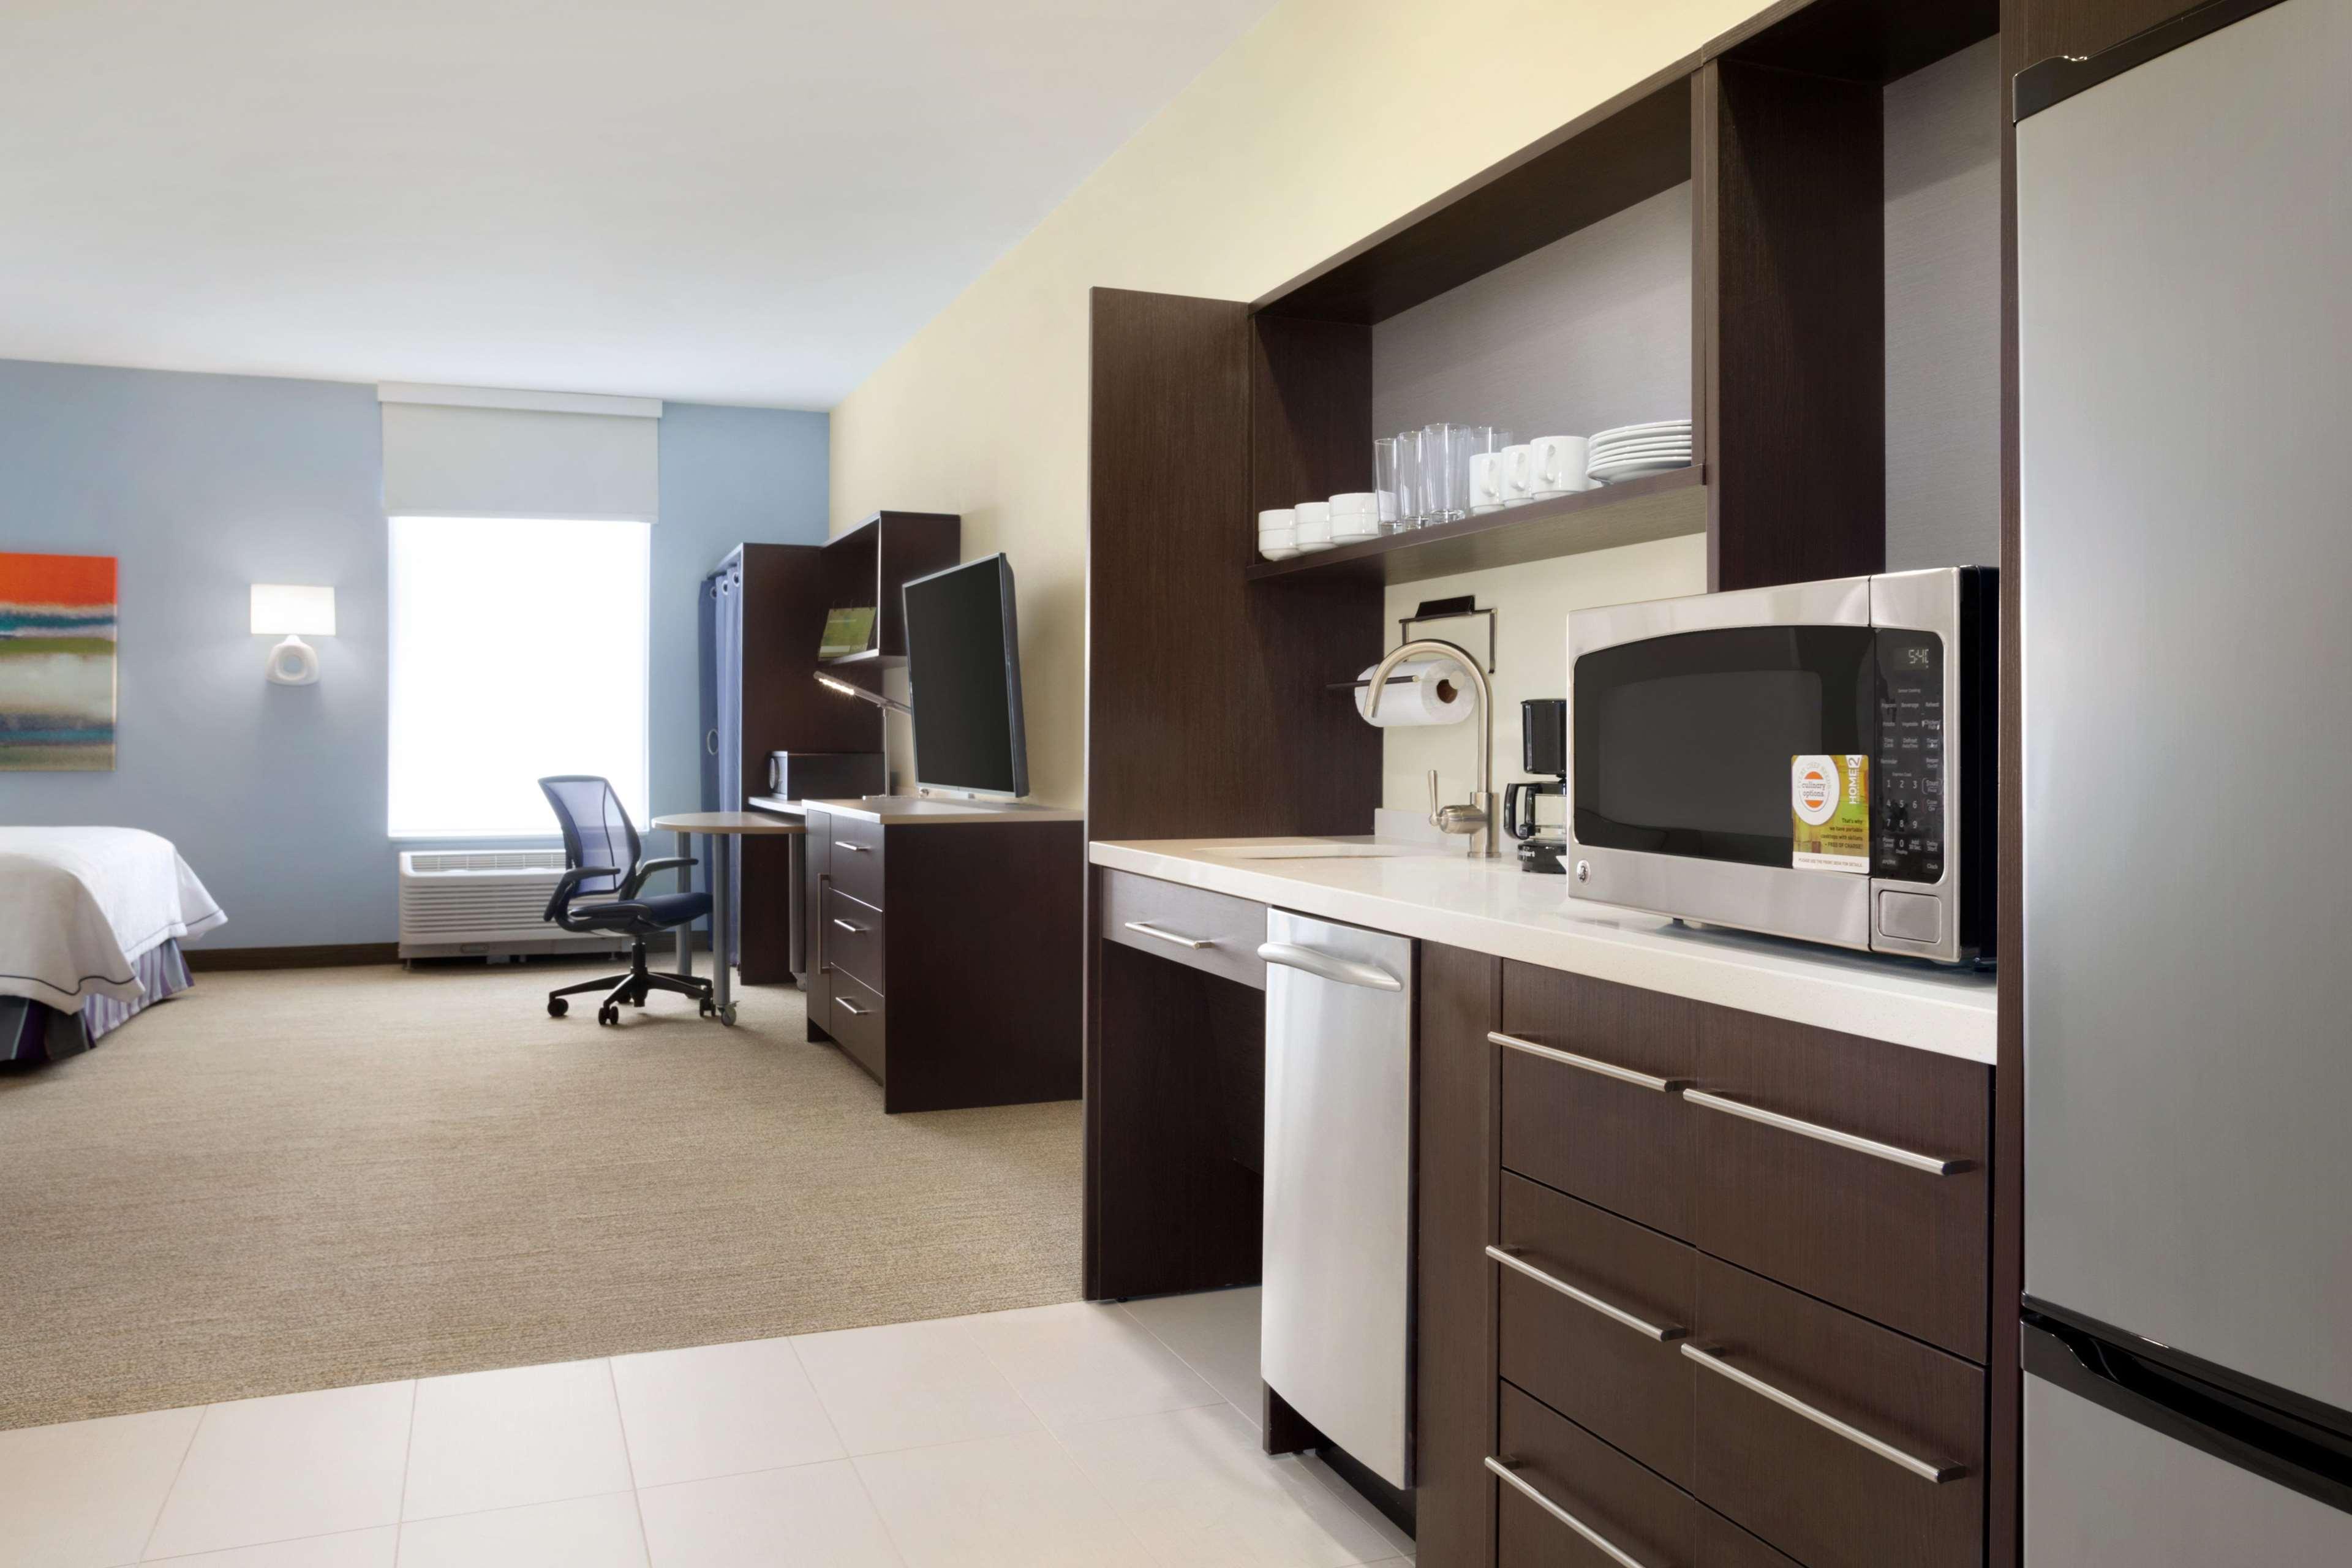 Home2 Suites by Hilton McAllen image 29